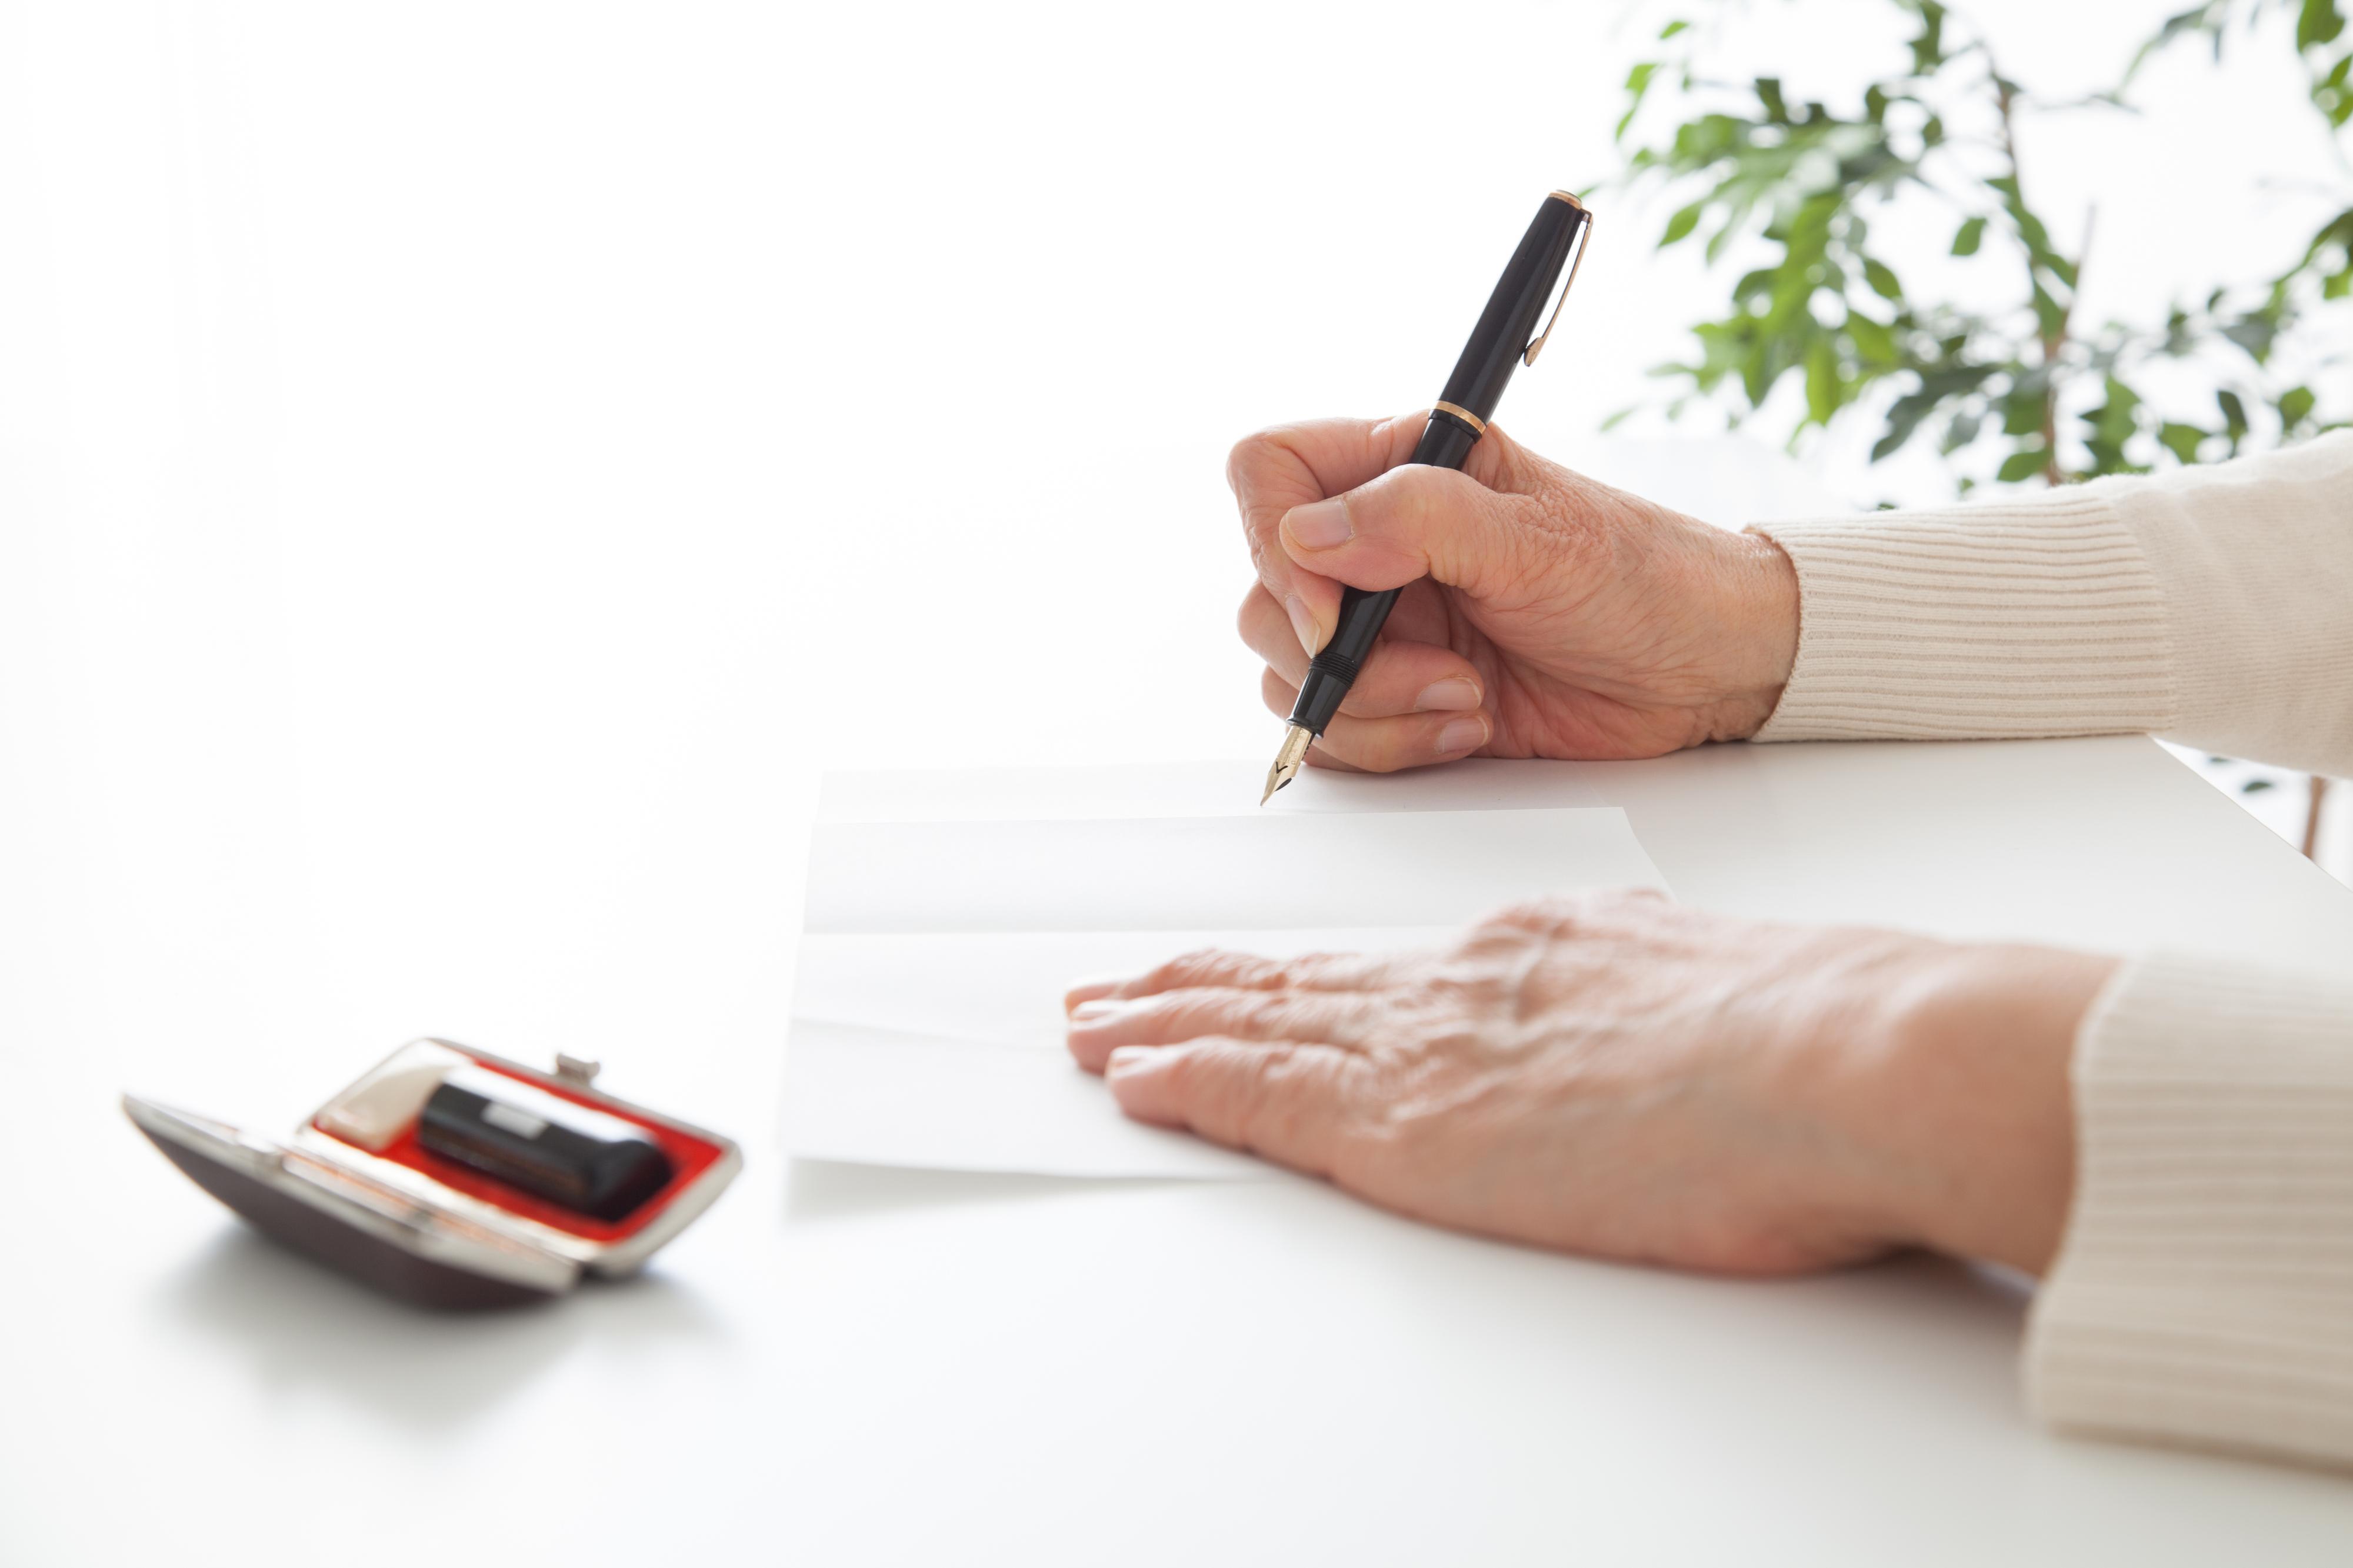 接骨院開業時に必要な開設届けと受領委任等の申請方法